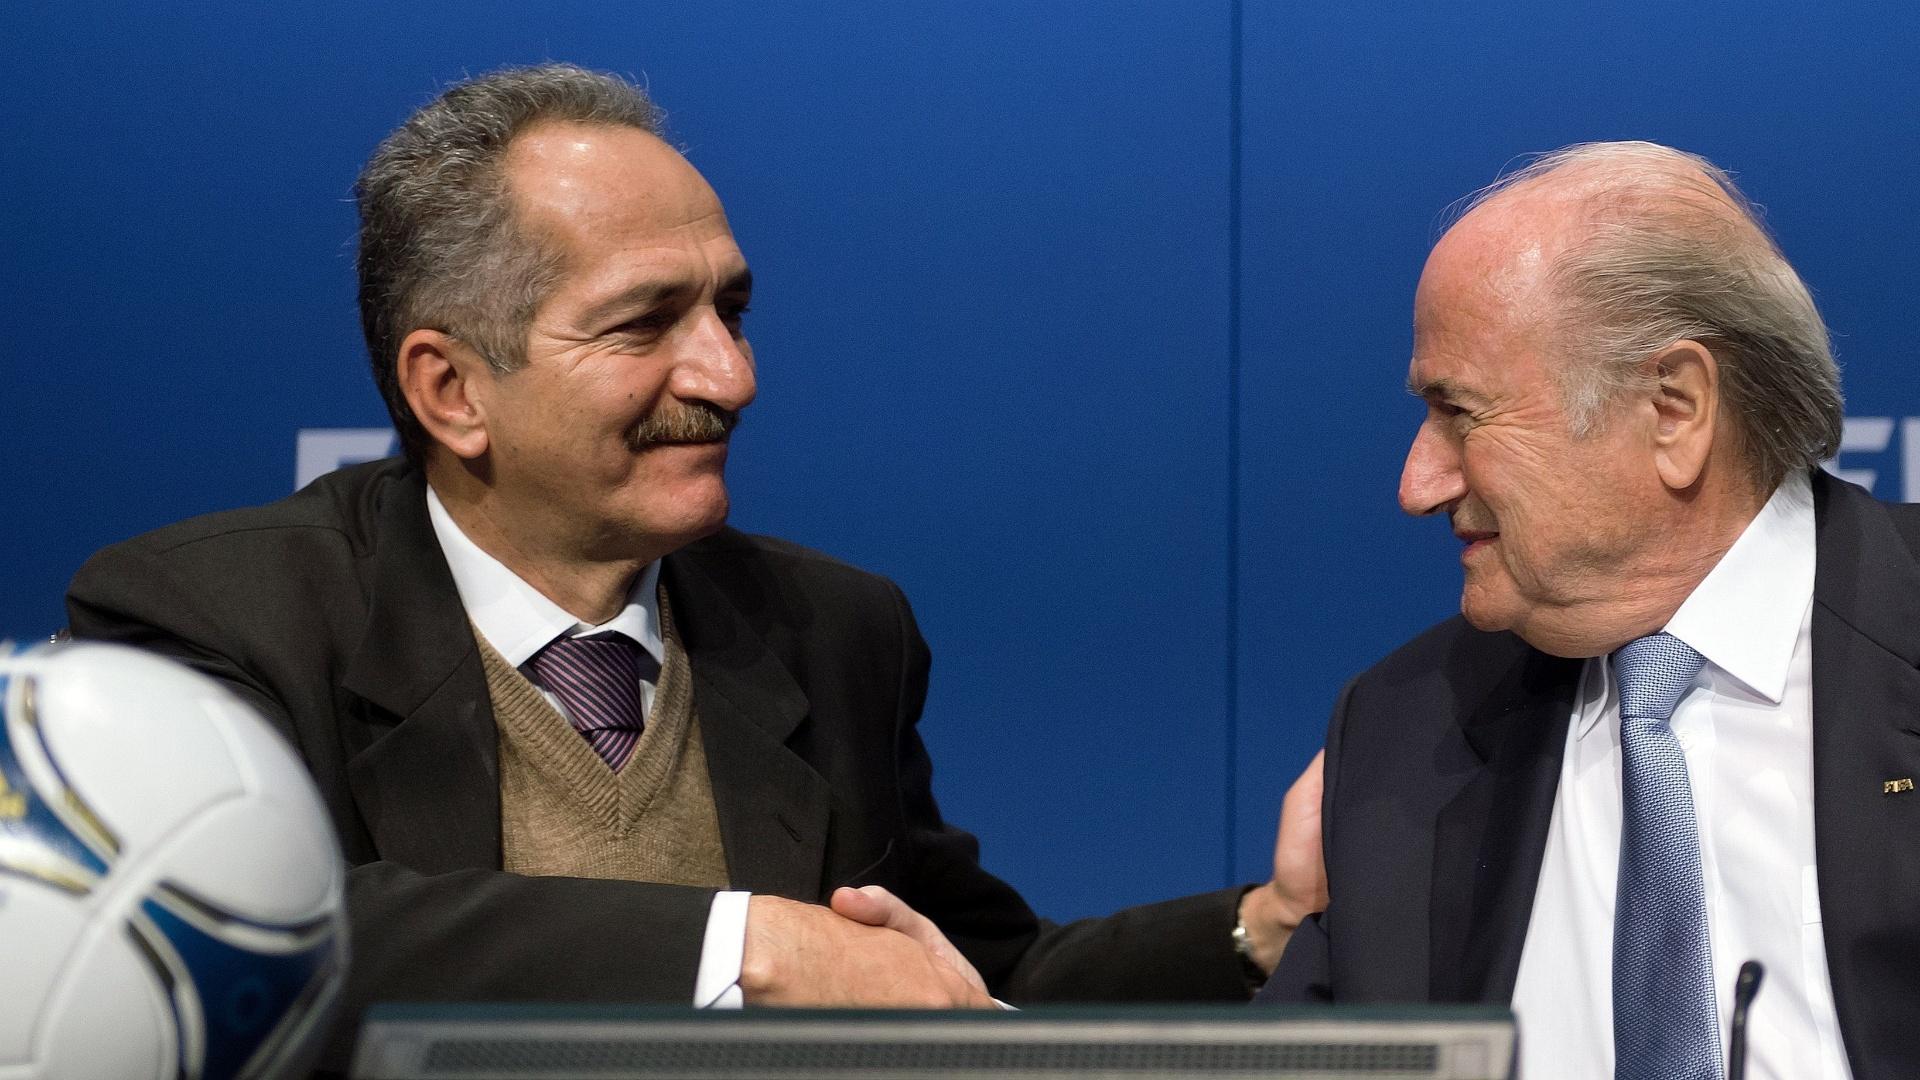 Aldo Rebelo cumprimenta presidente da Fifa Joseph Blatter em reunião realizada nesta terça-feira, em Zurique